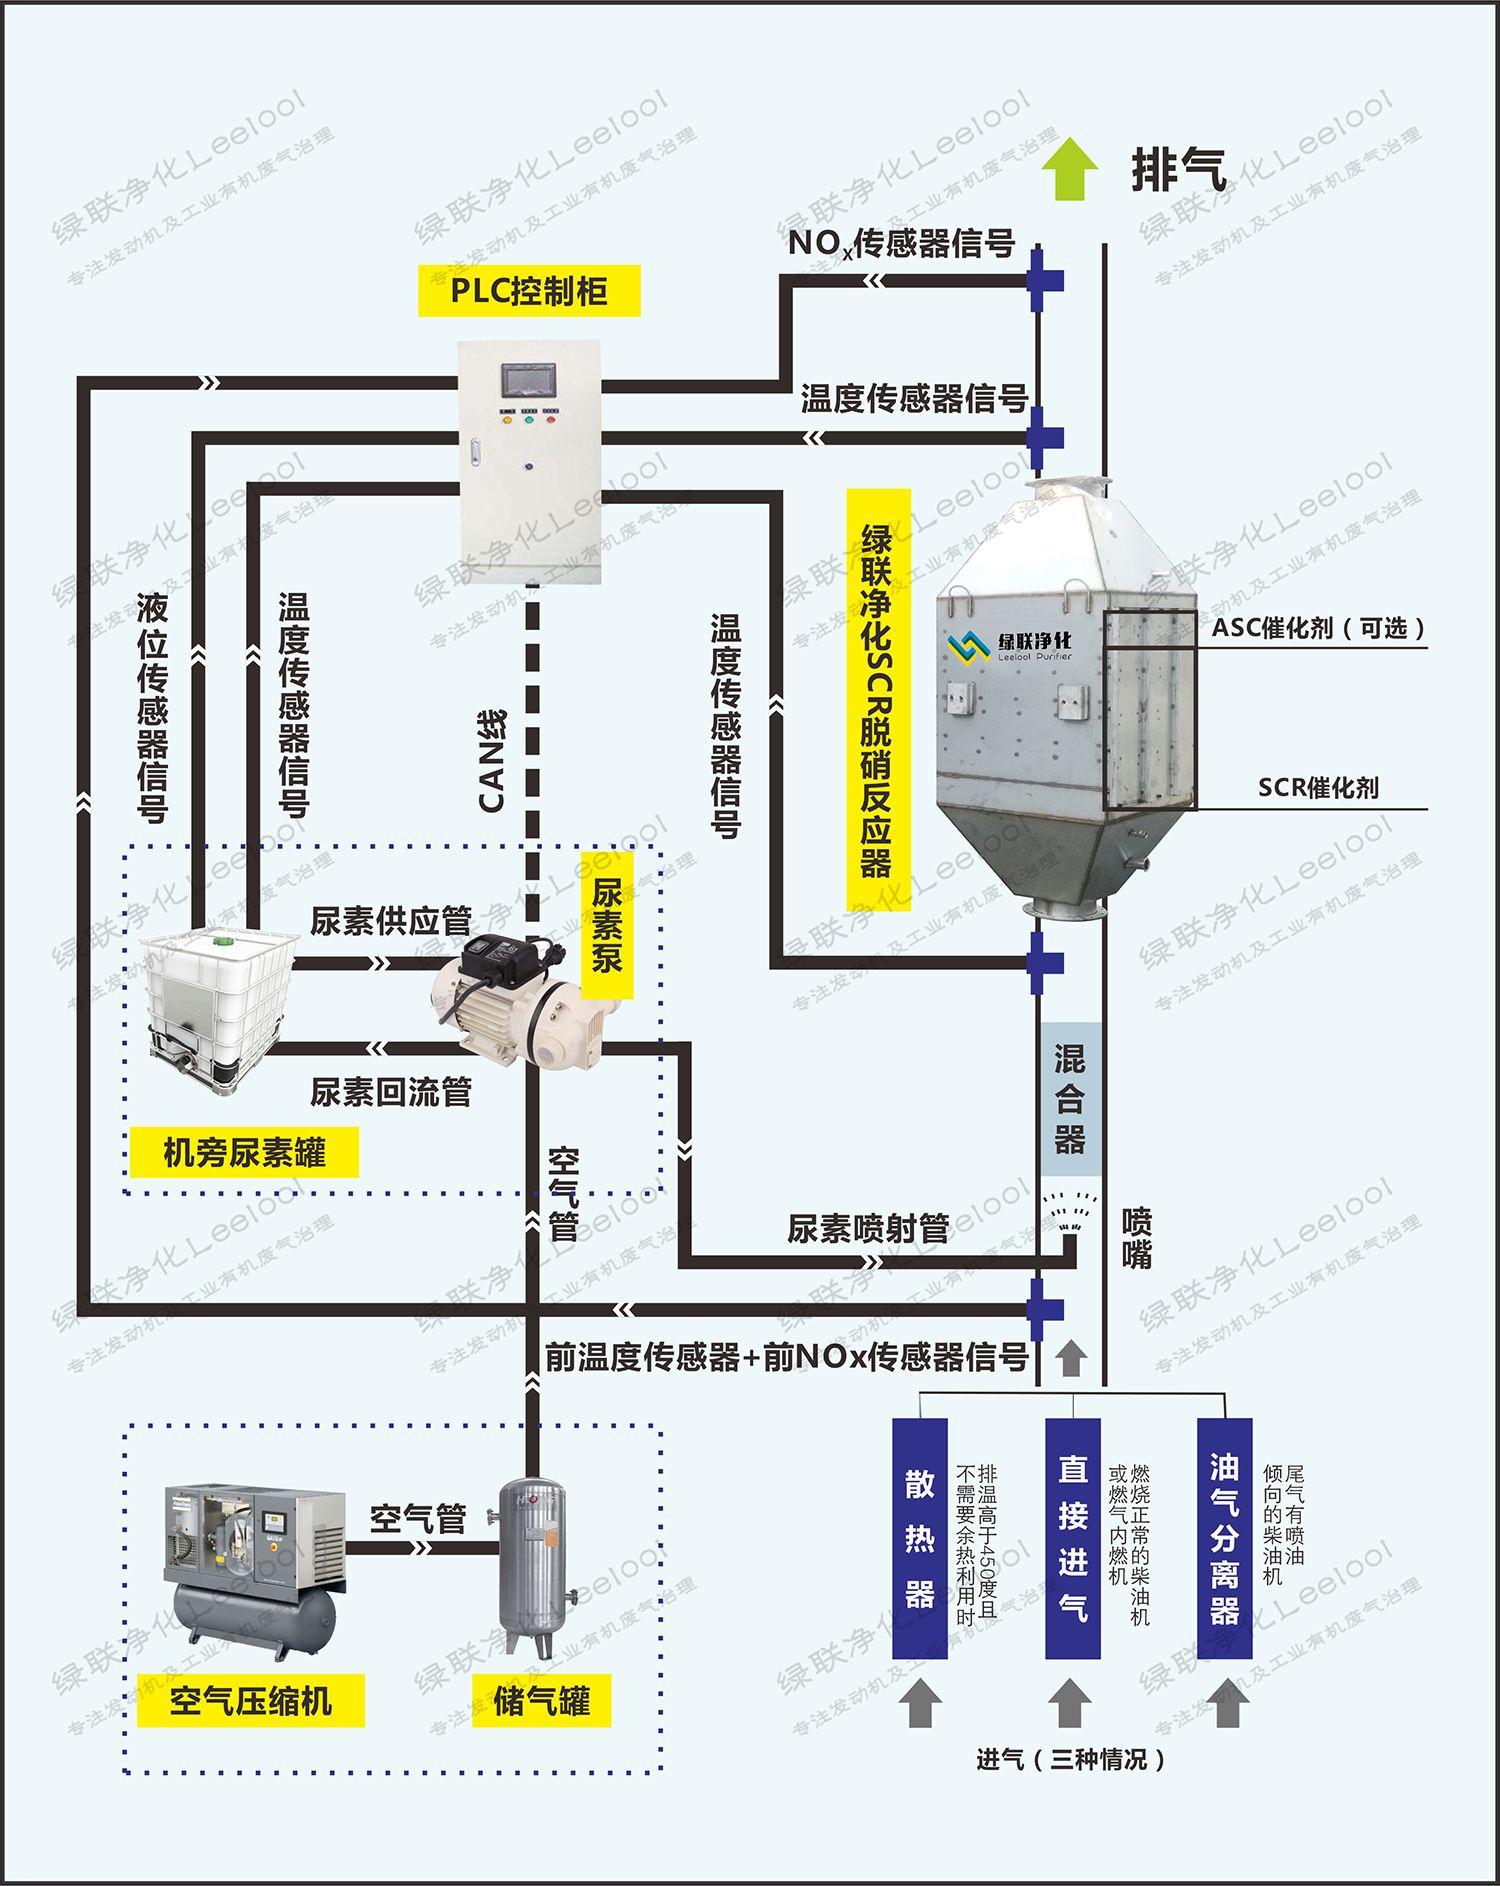 绿联净化Leelool绿联净化 沼气发电机组氮氧化物NOx综合治理 选择性催化还原L-DETX